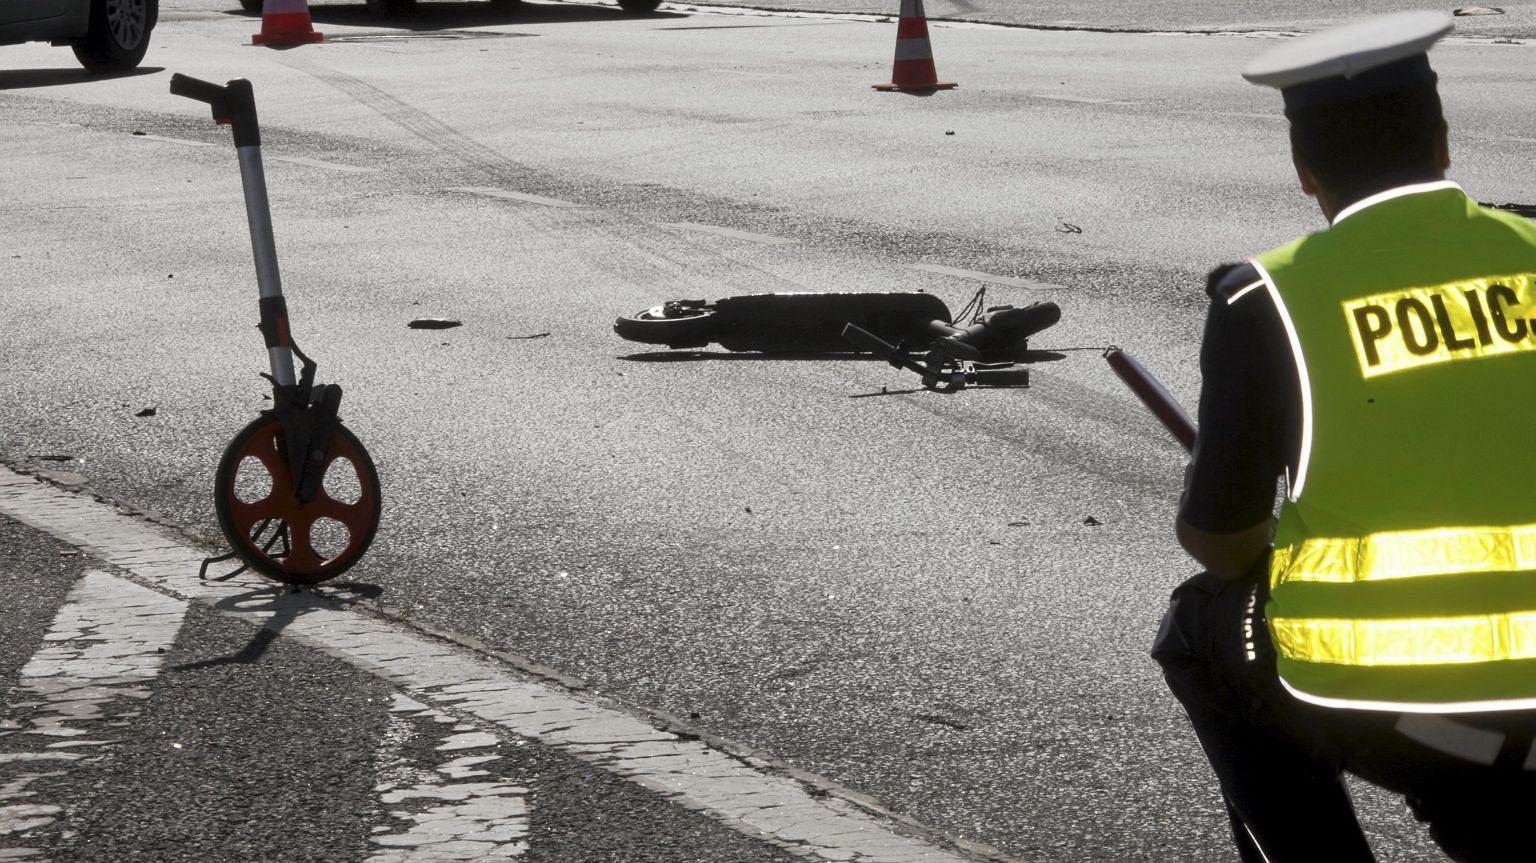 Śmiertelny wypadek z udziałem elektrycznej hulajnogi